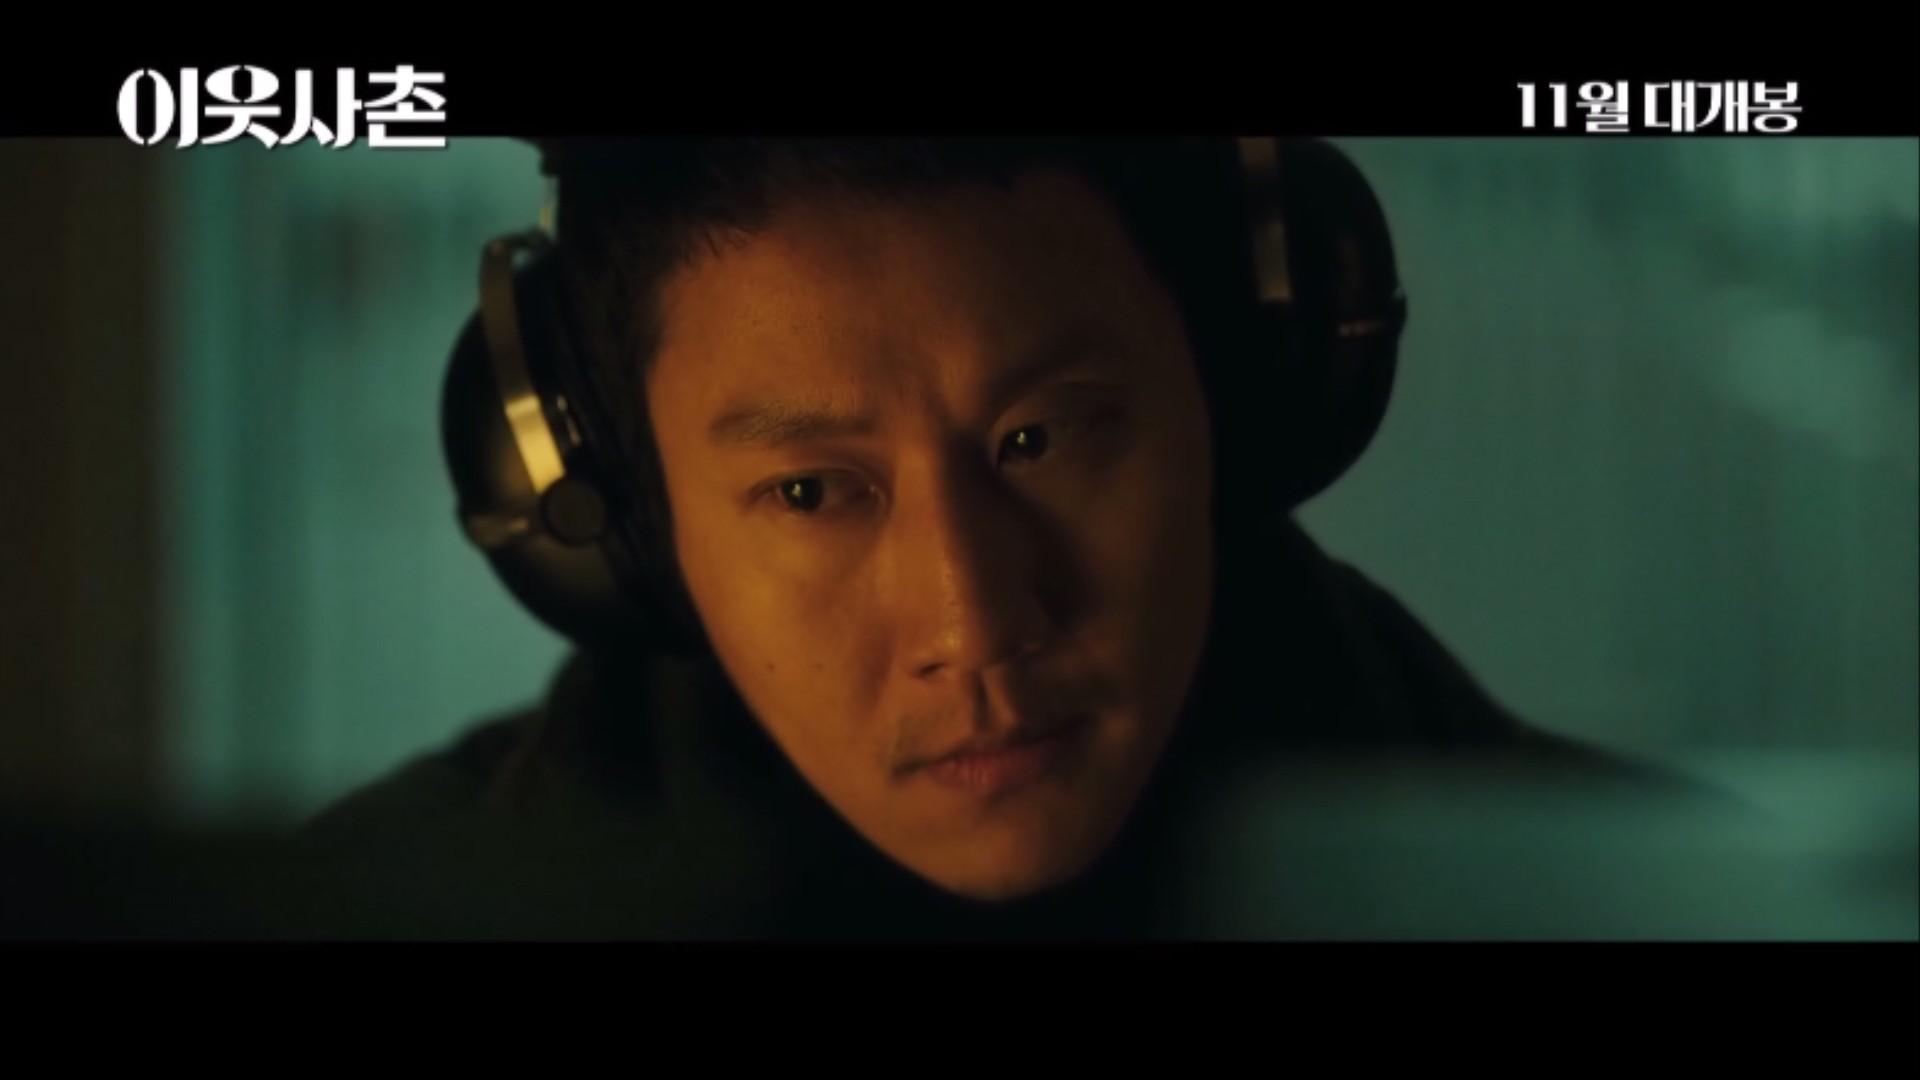 '이웃사촌' 명품배우 정우X'7번방의 기적'제작진 뭉쳤다...1차 예고편 공개 '기대↑'